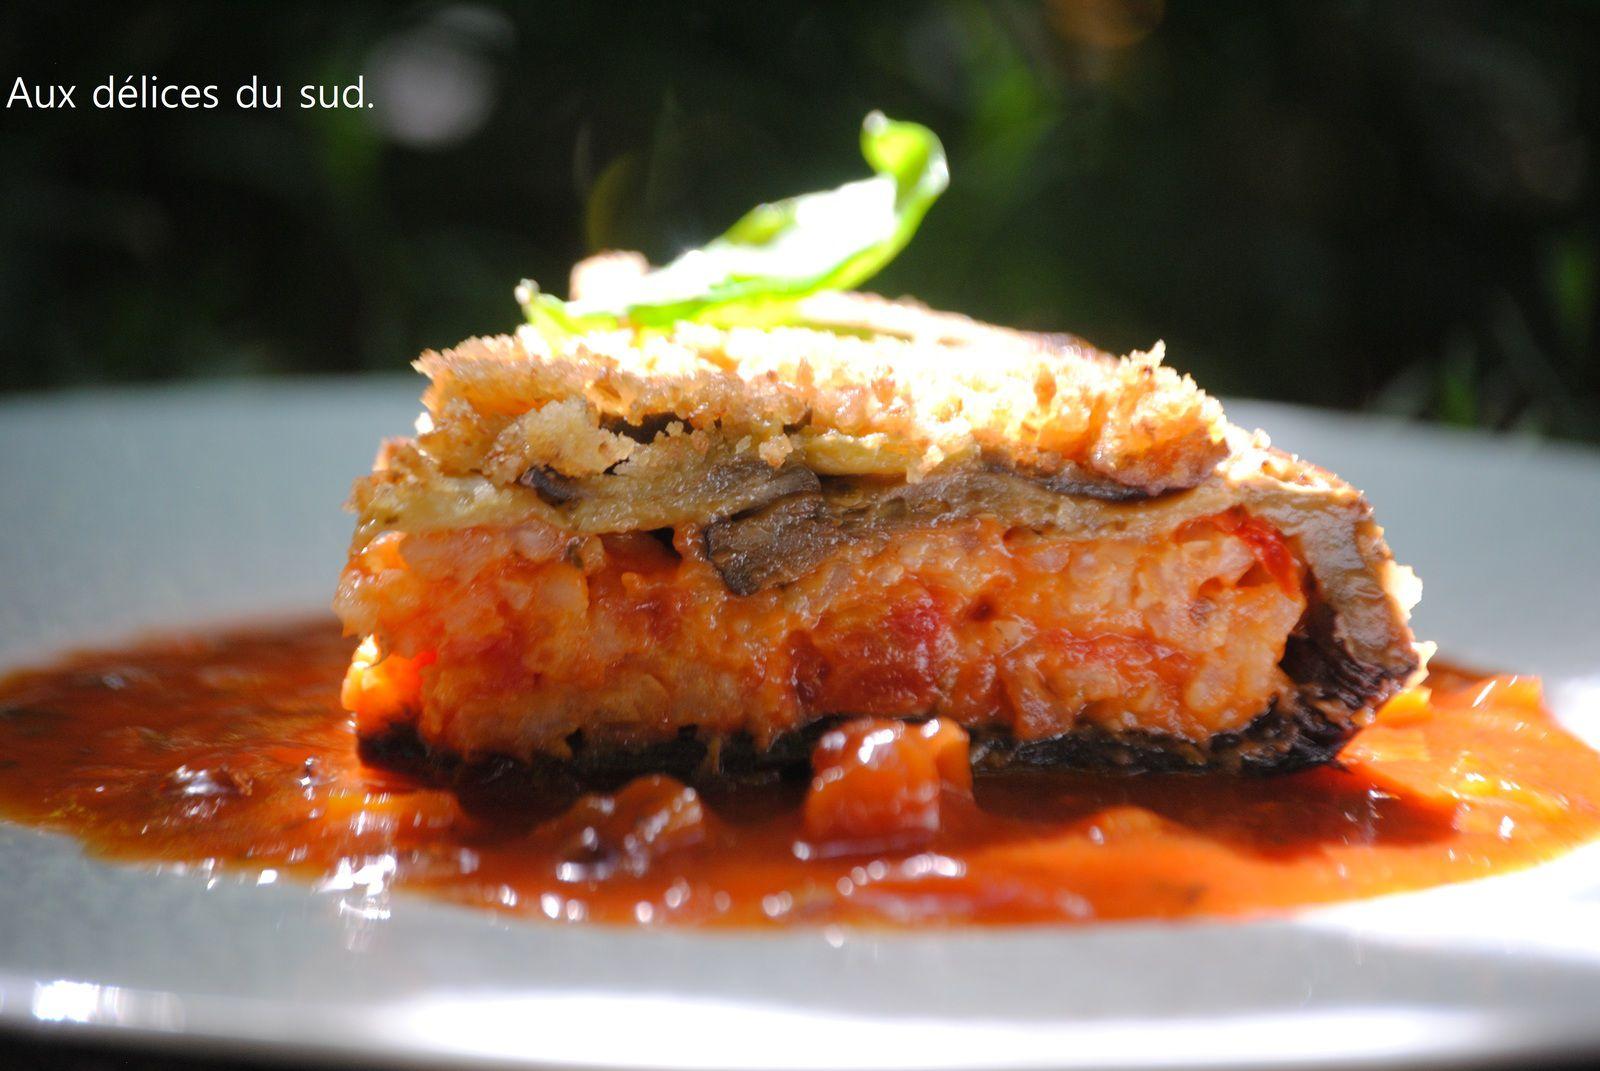 Timbale d'aubergines au risotto à la tomate .